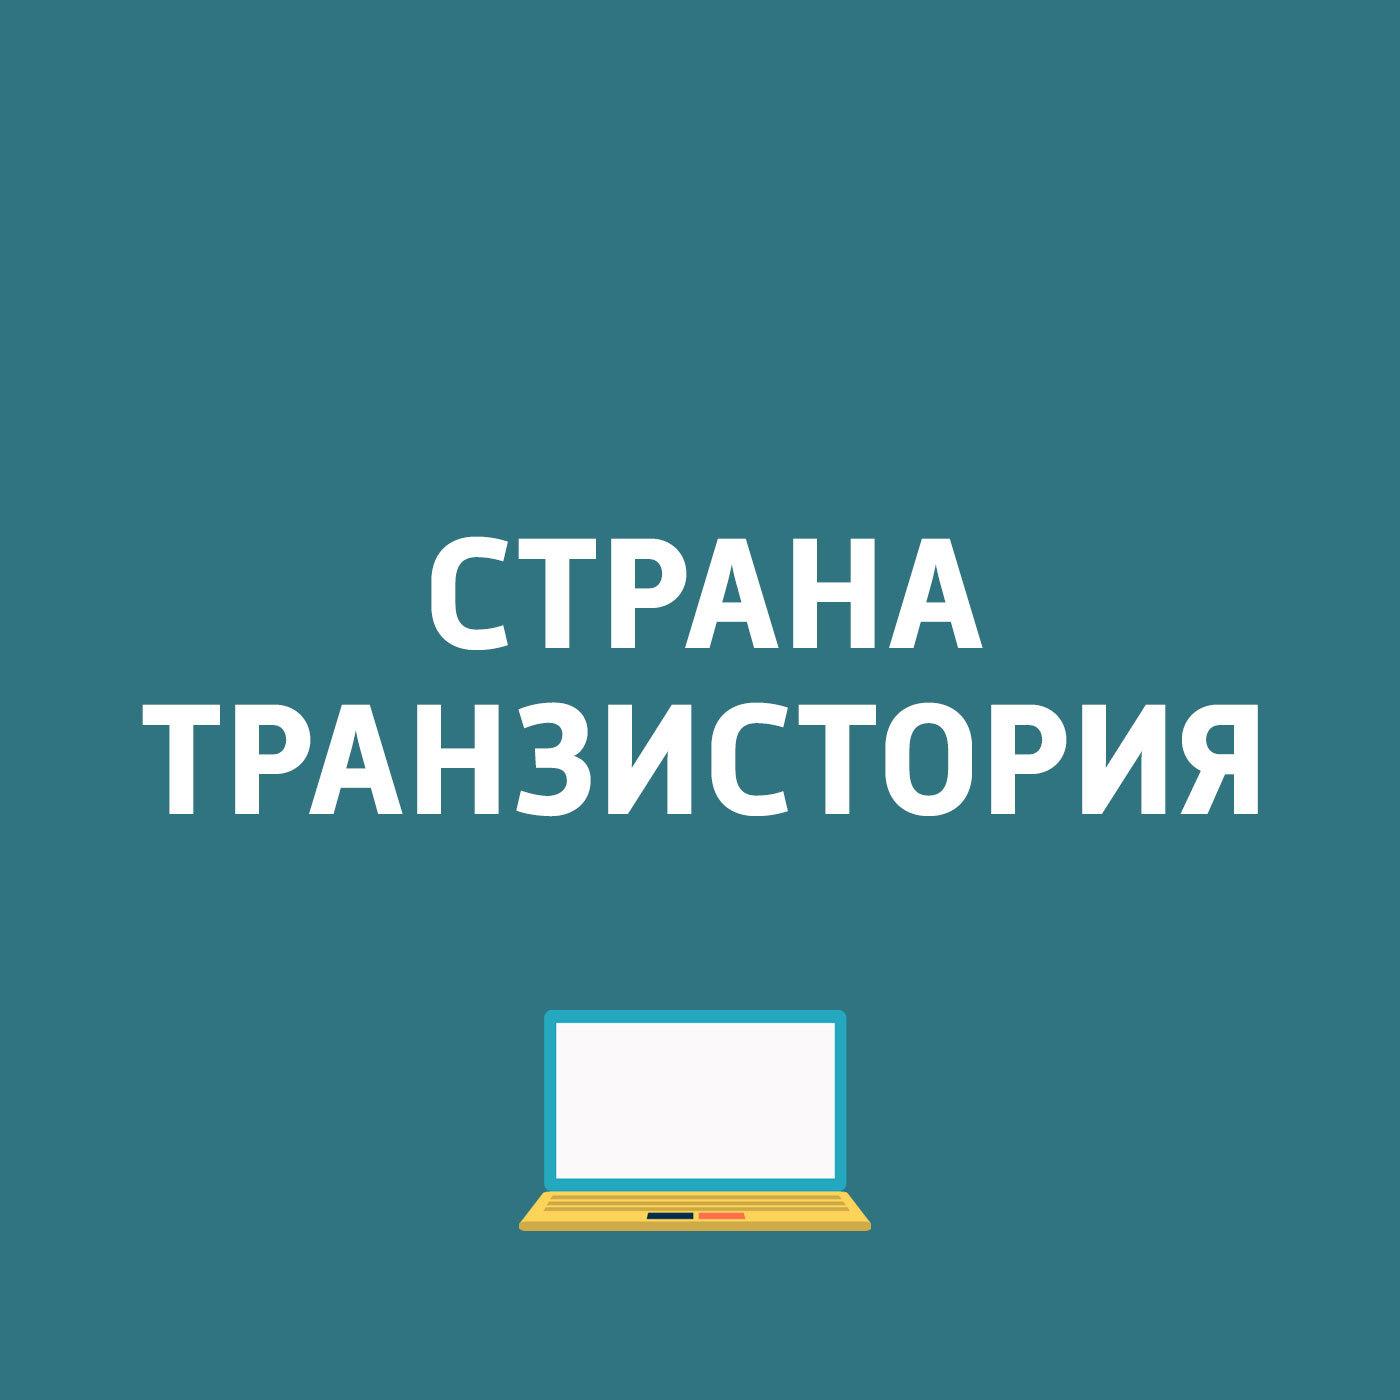 Картаев Павел В России обнаружен вирус, поражающий банкоматы картаев павел oppo возвращается на российский рынок